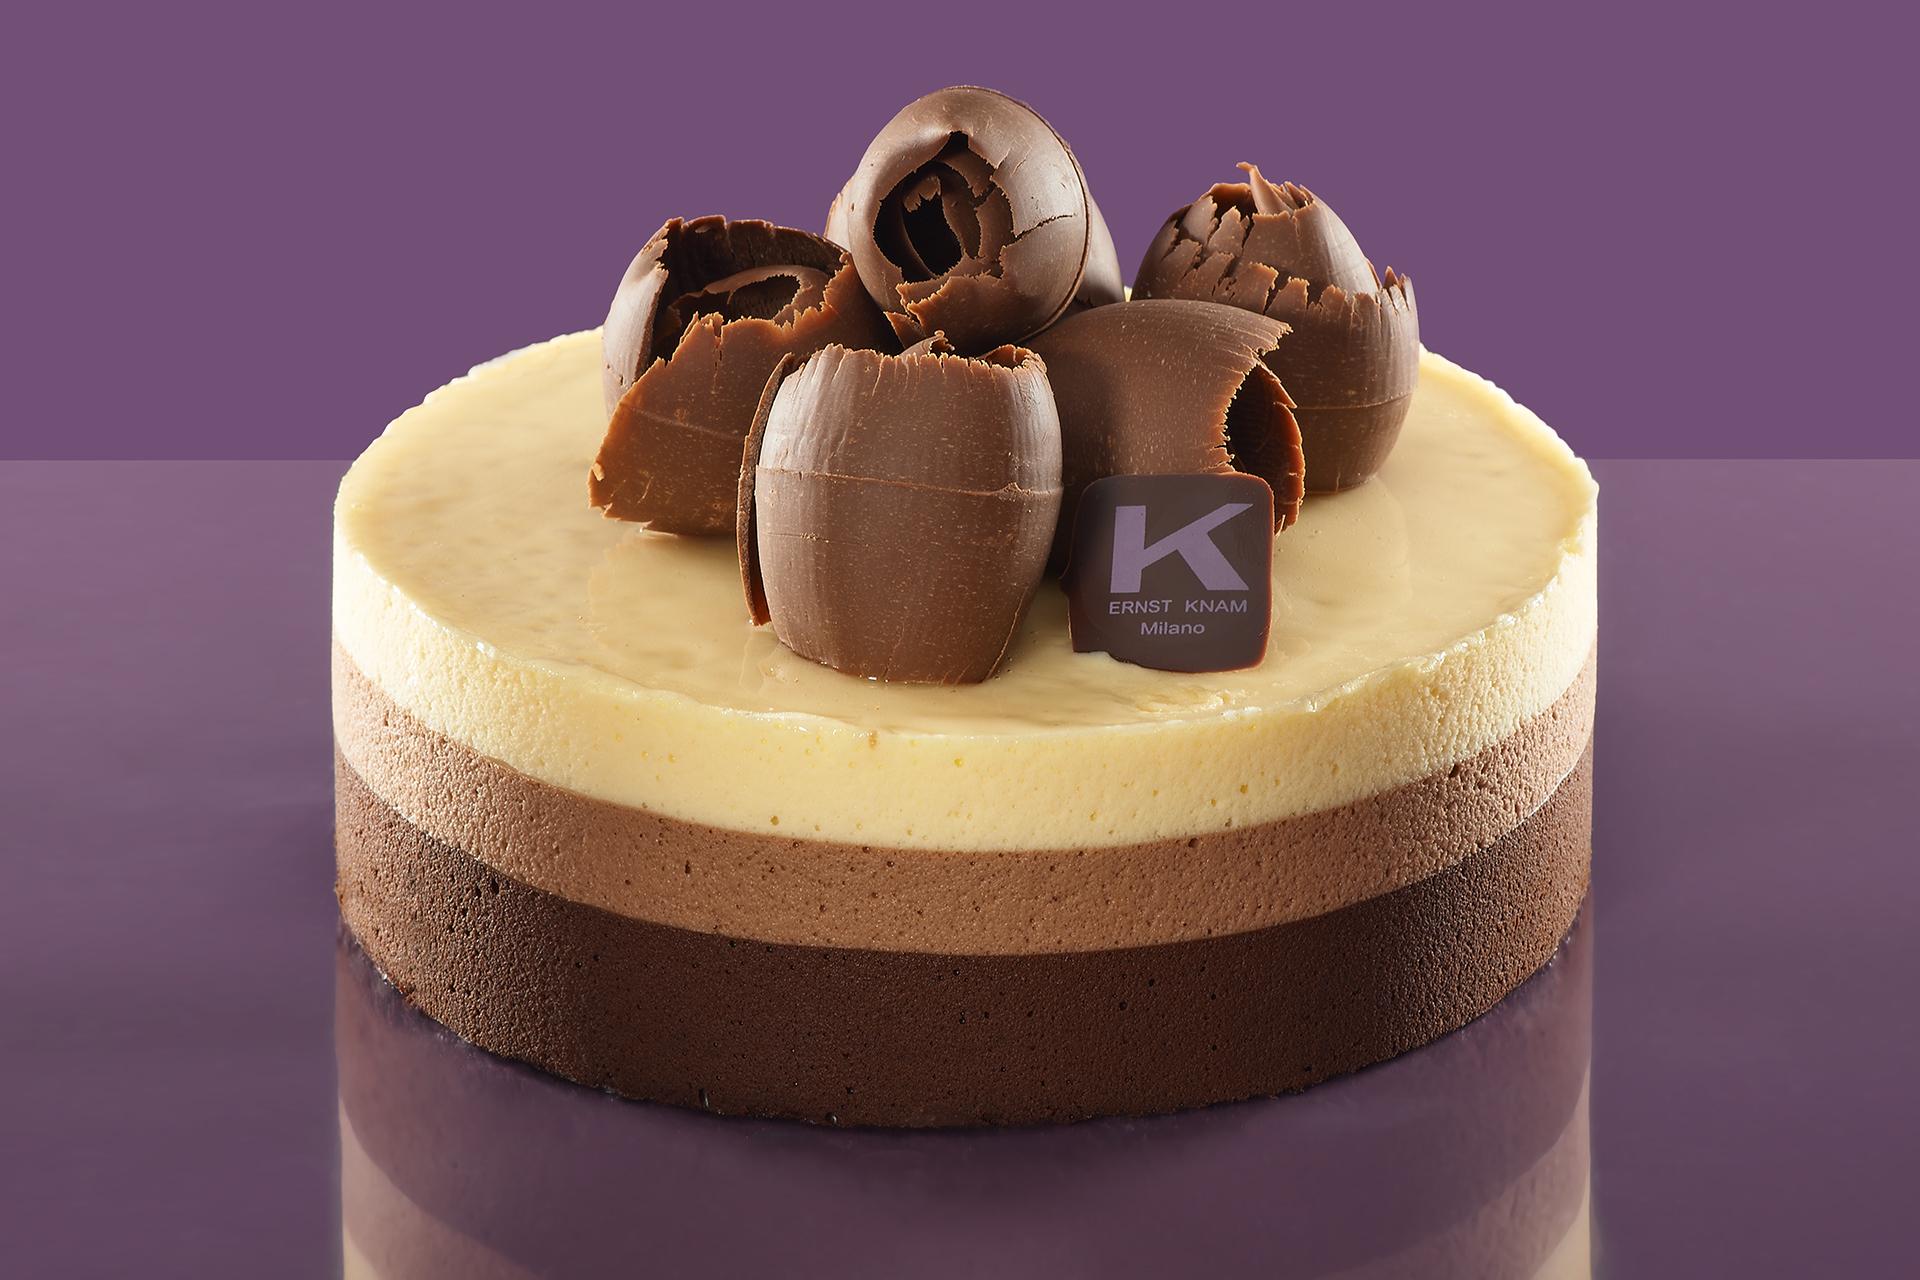 Dopo più di trent'anni di onorata carriera, la mousse ai tre cioccolati è ancora e soprattutto il must have di chi entra nella nota pasticceria di Milano. La più richiesta, la più voluta e amata.